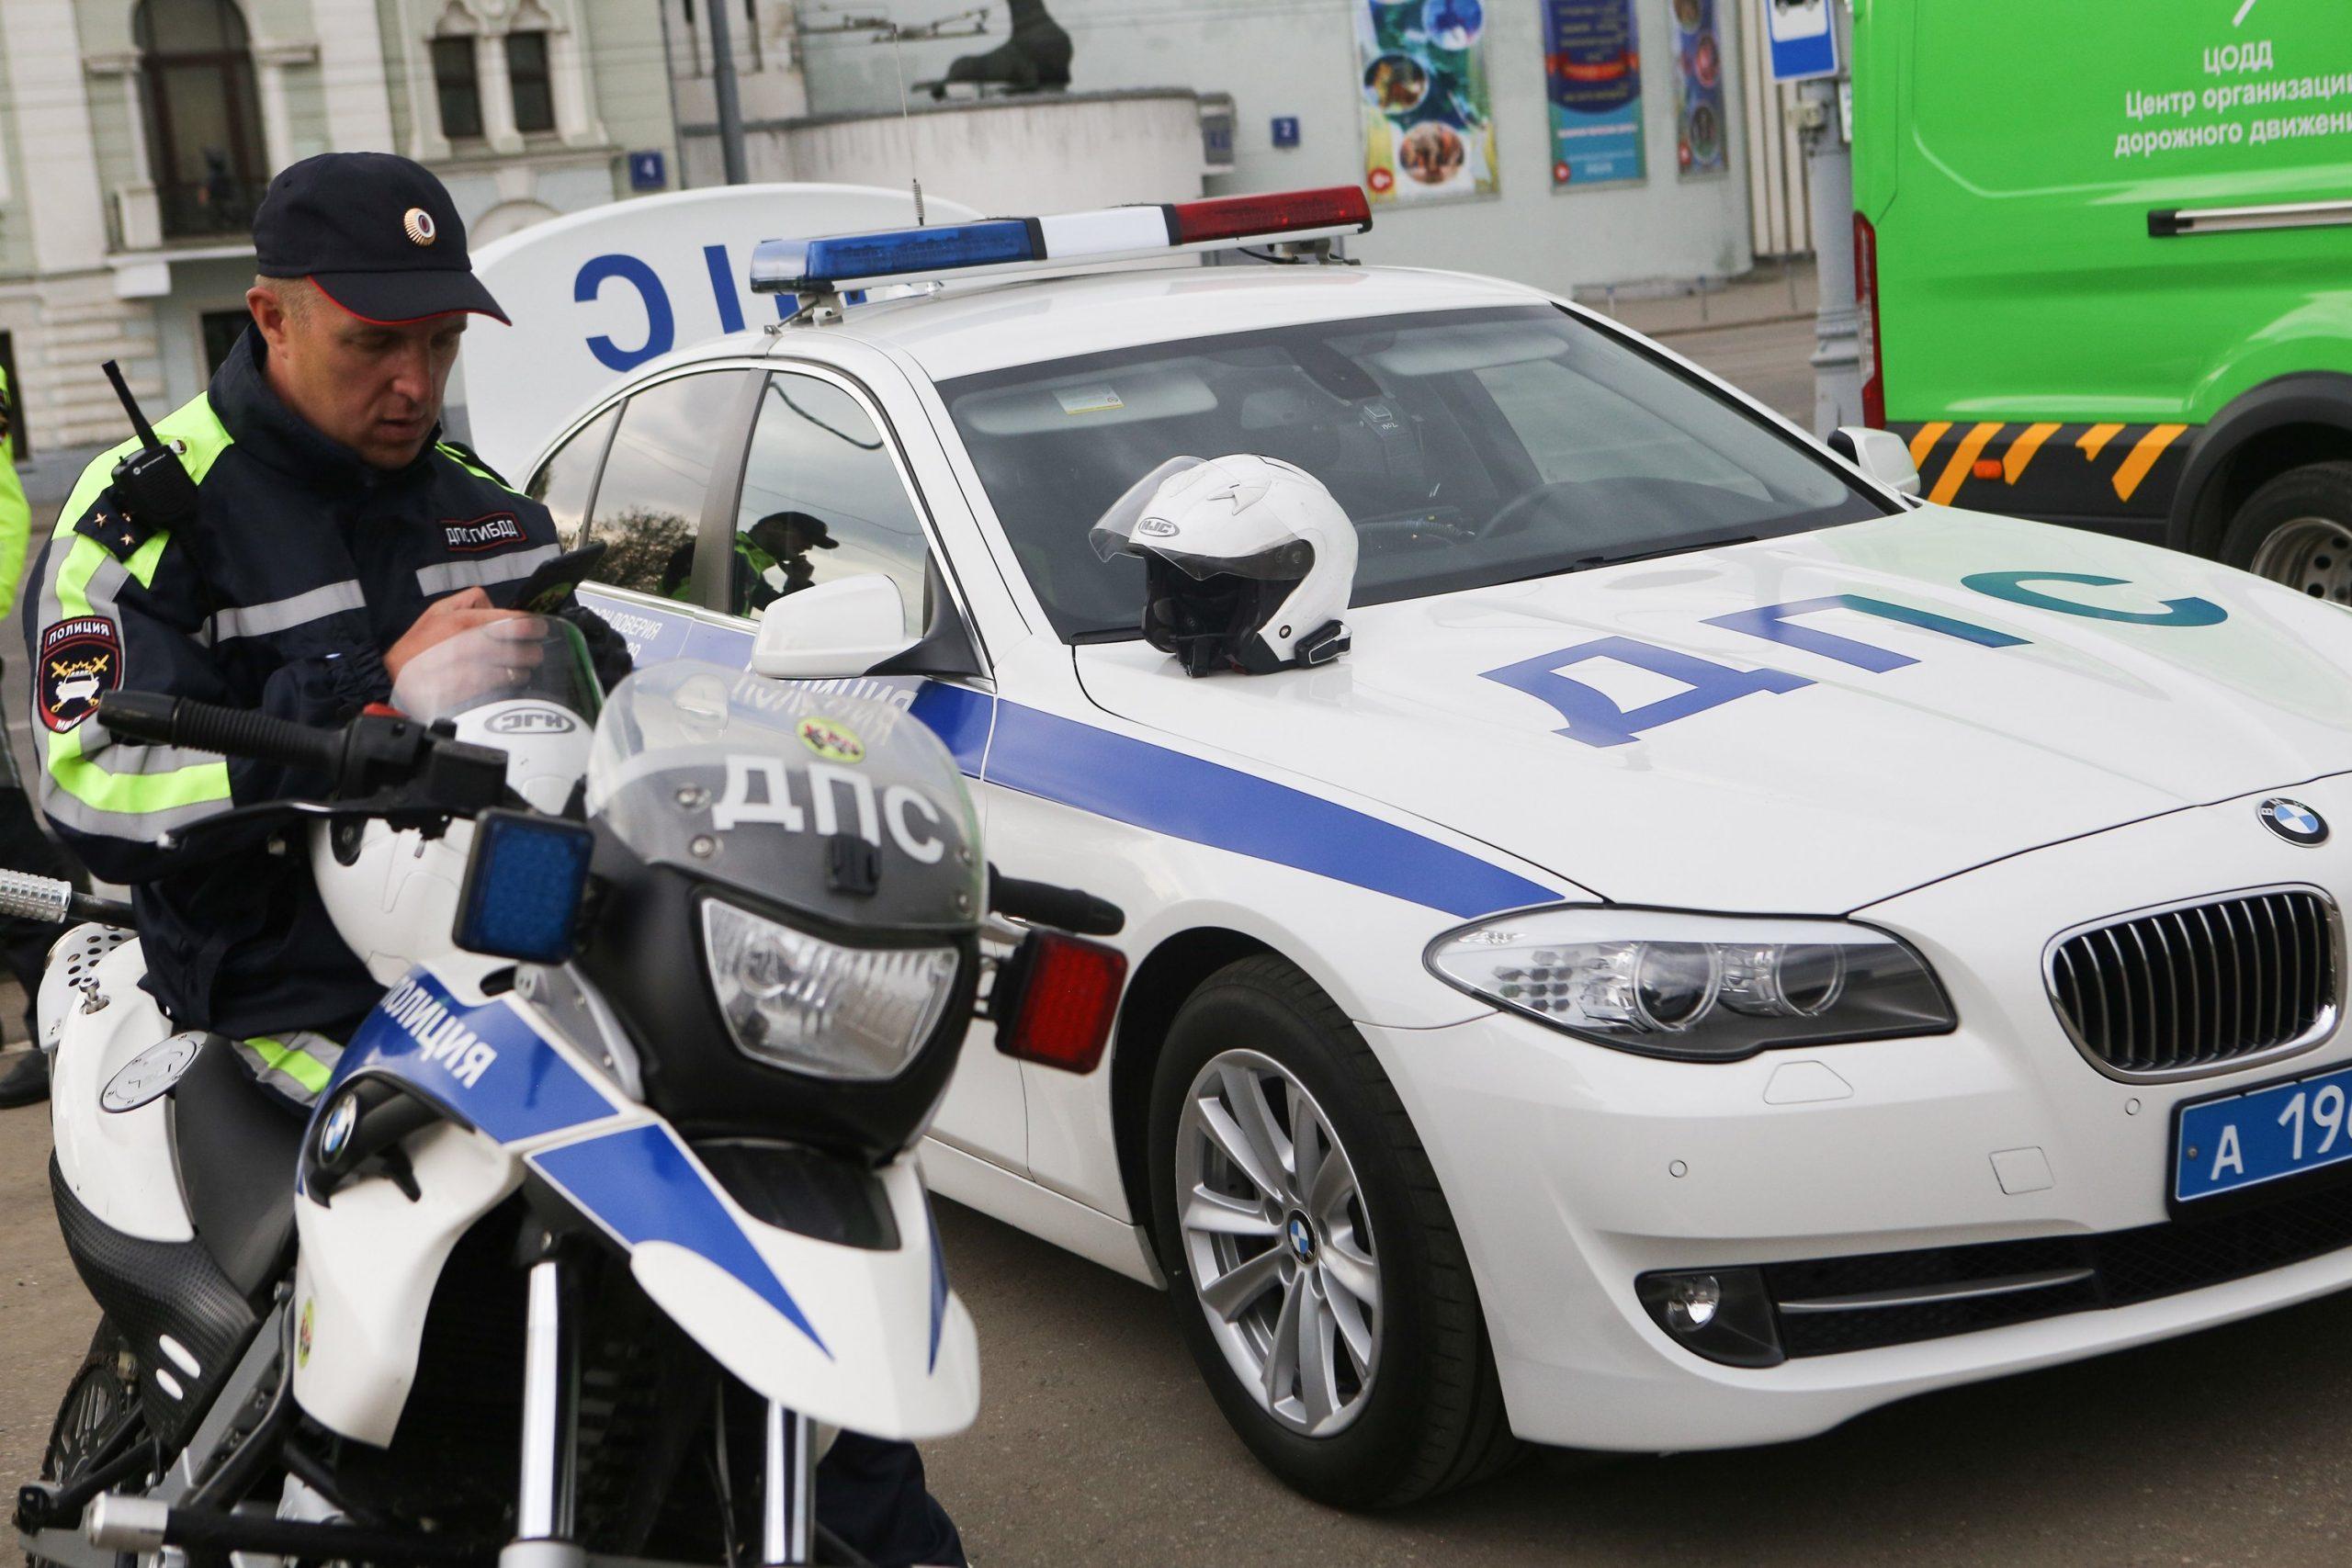 """В Капотне задержали иностранца с поддельным водительским удостоверением Фото: АГН """"Москва"""""""